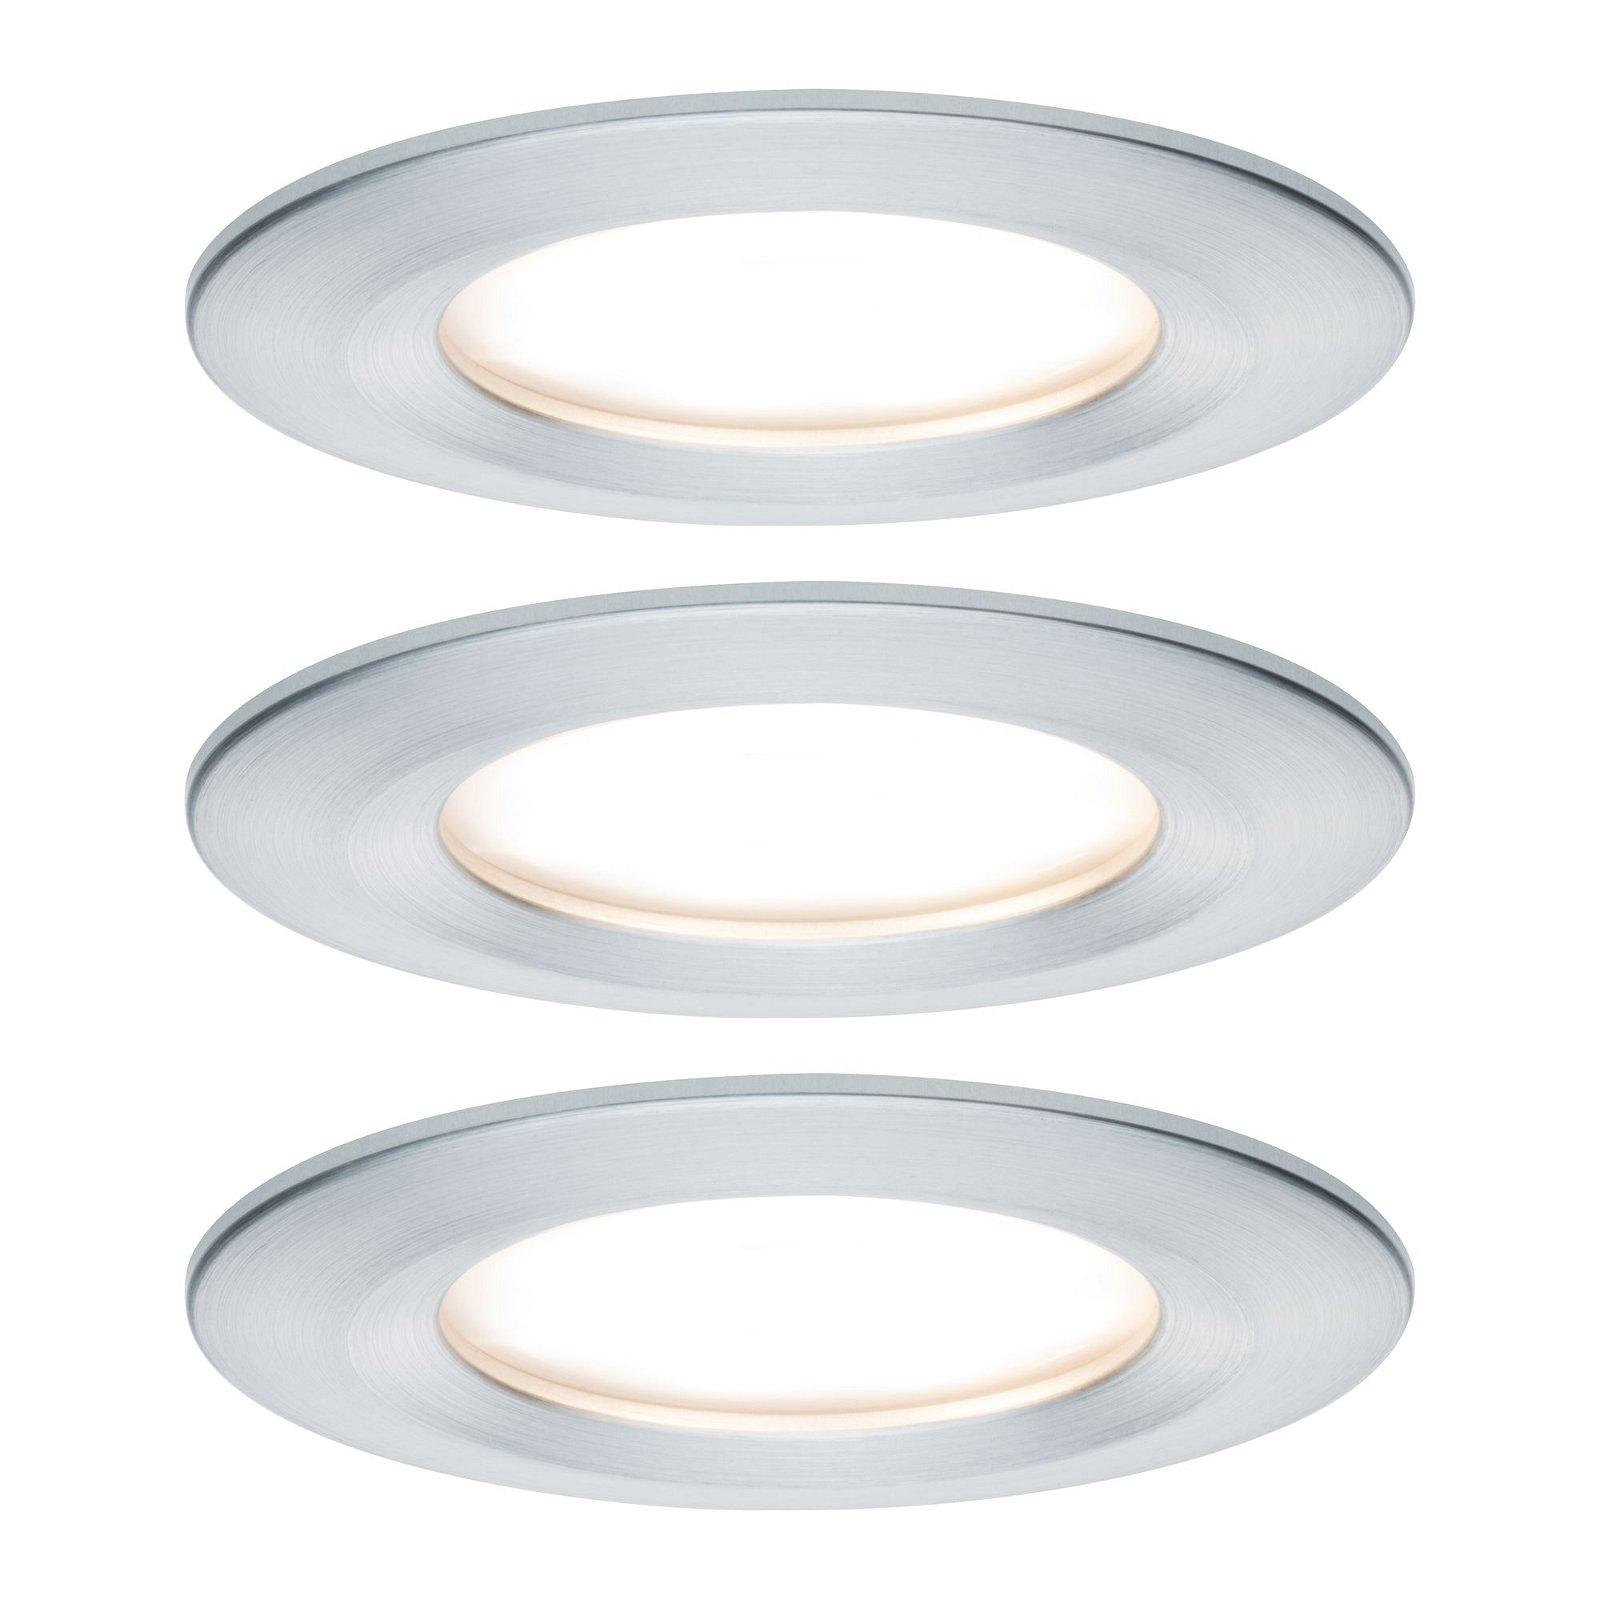 LED Einbauleuchte Nova Plus Coin Basisset starr IP44 rund 78mm Coin 3x6,8W 3x425lm 230V 2700K Alu gedreht